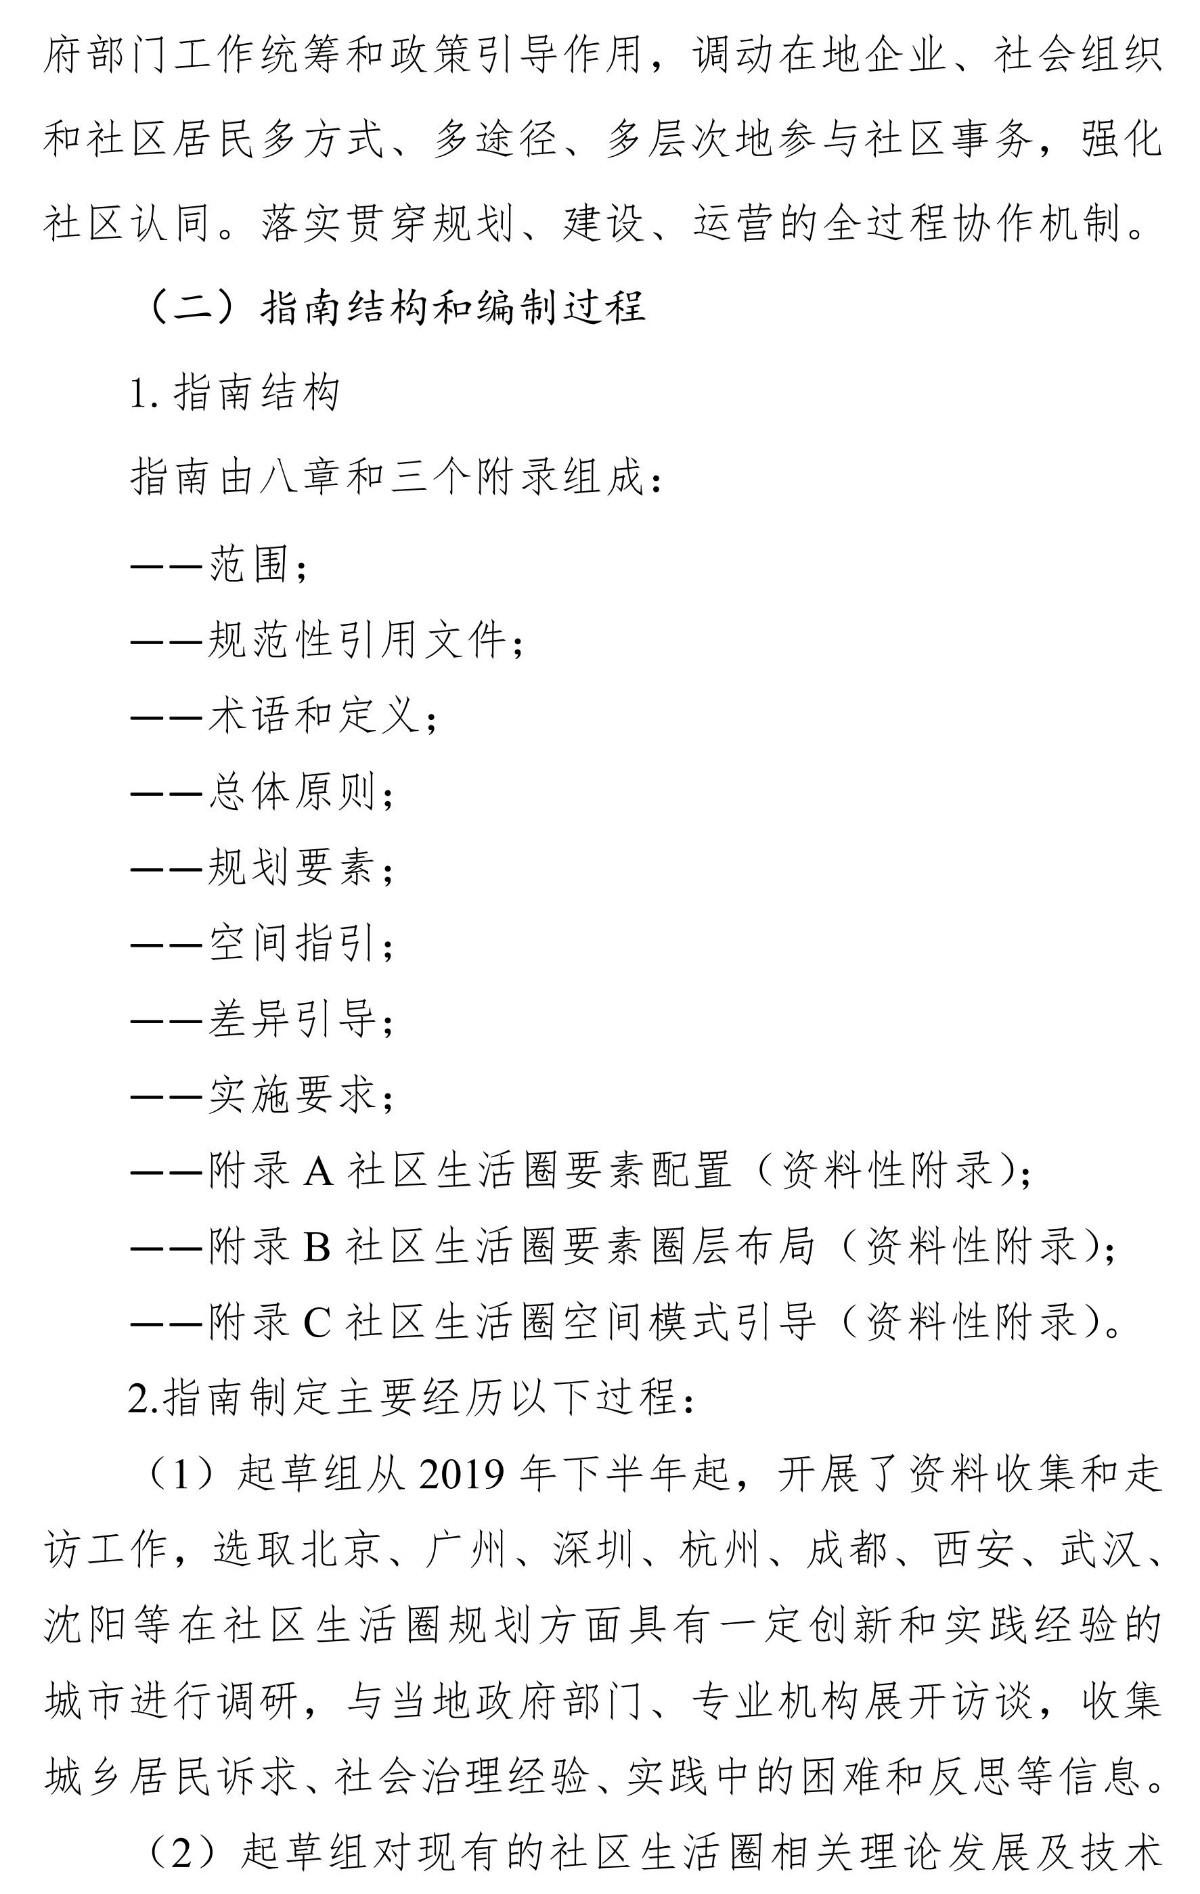 20_DI_240432_社区生活圈规划技术指南_02.jpg